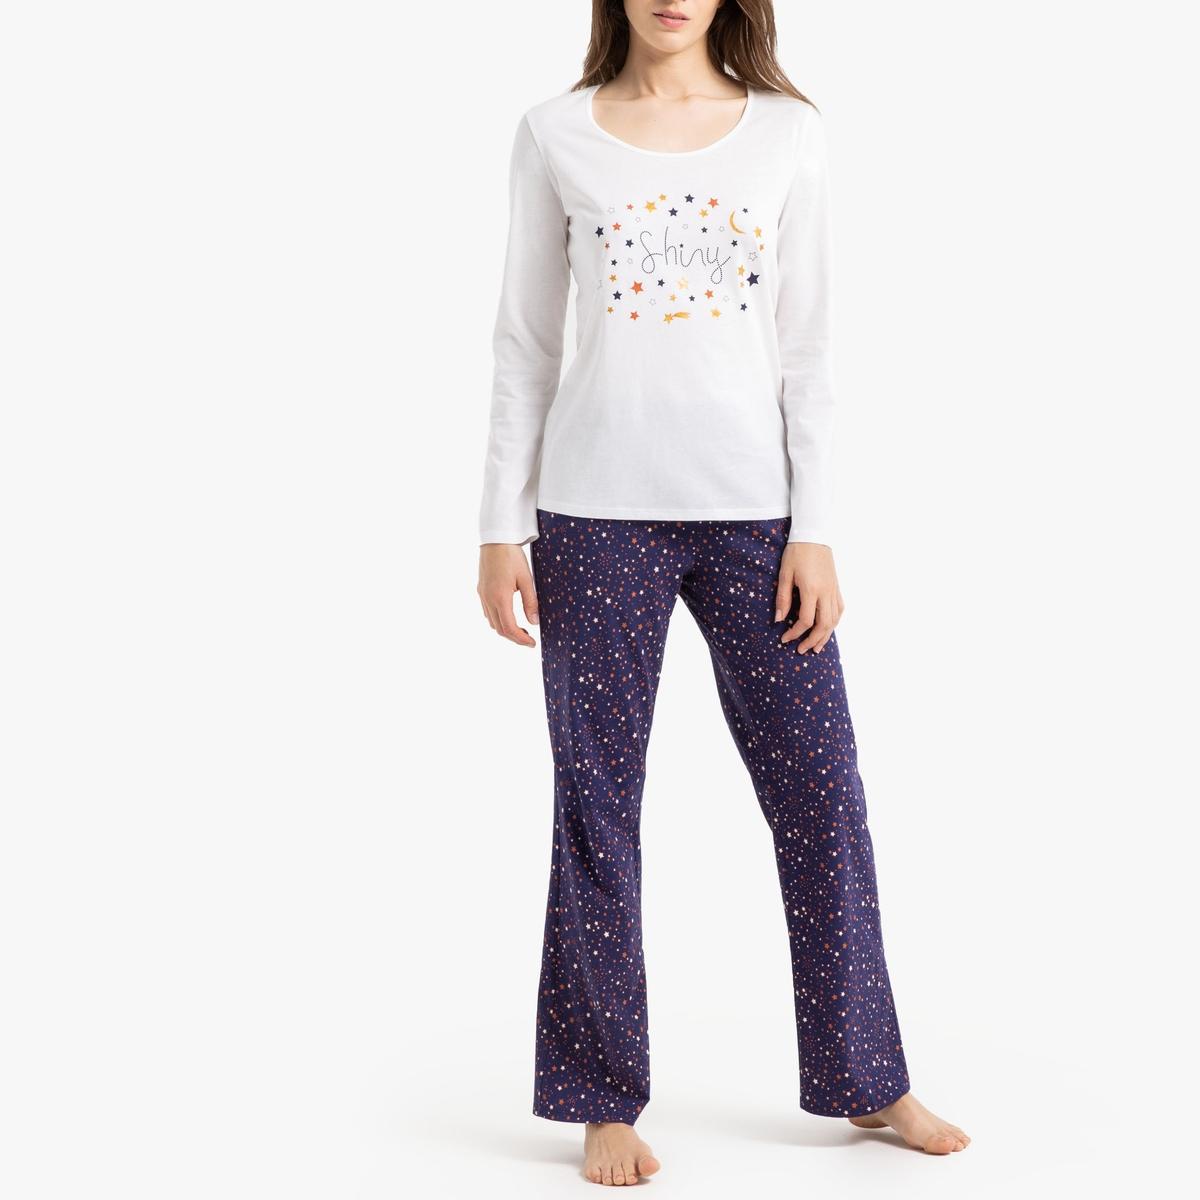 Пижама La Redoute С длинными рукавами 34/36 (FR) - 40/42 (RUS) белый пижама la redoute с принтом короткая 34 36 fr 40 42 rus белый